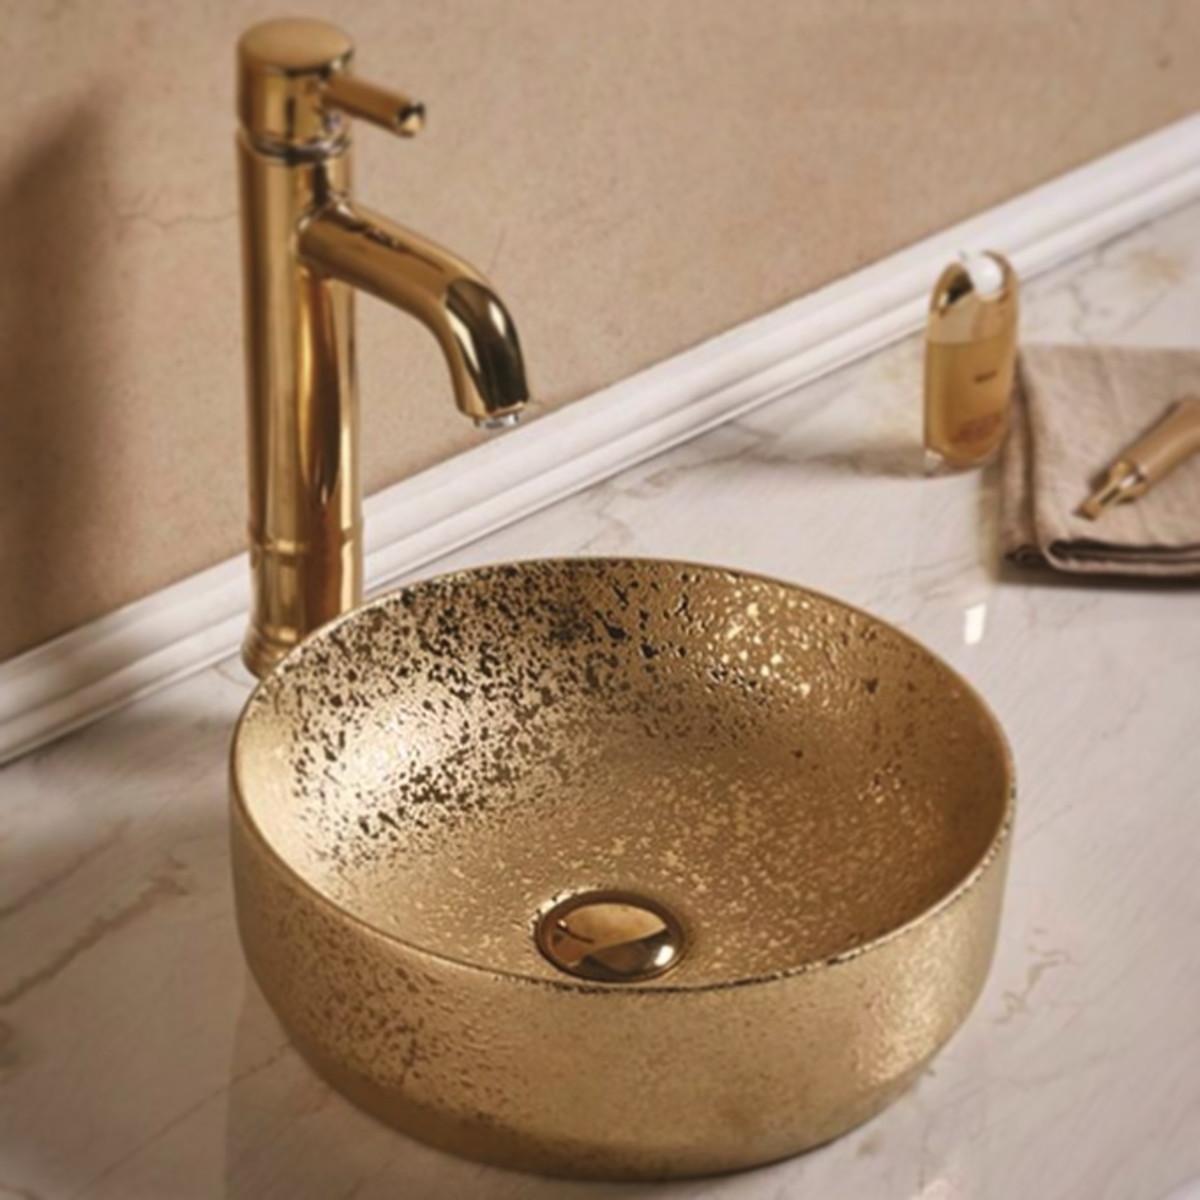 Cuba Apoio Evier Gold Banheiro Dourada 35cm Dourada No Elo7 Evier 100929f